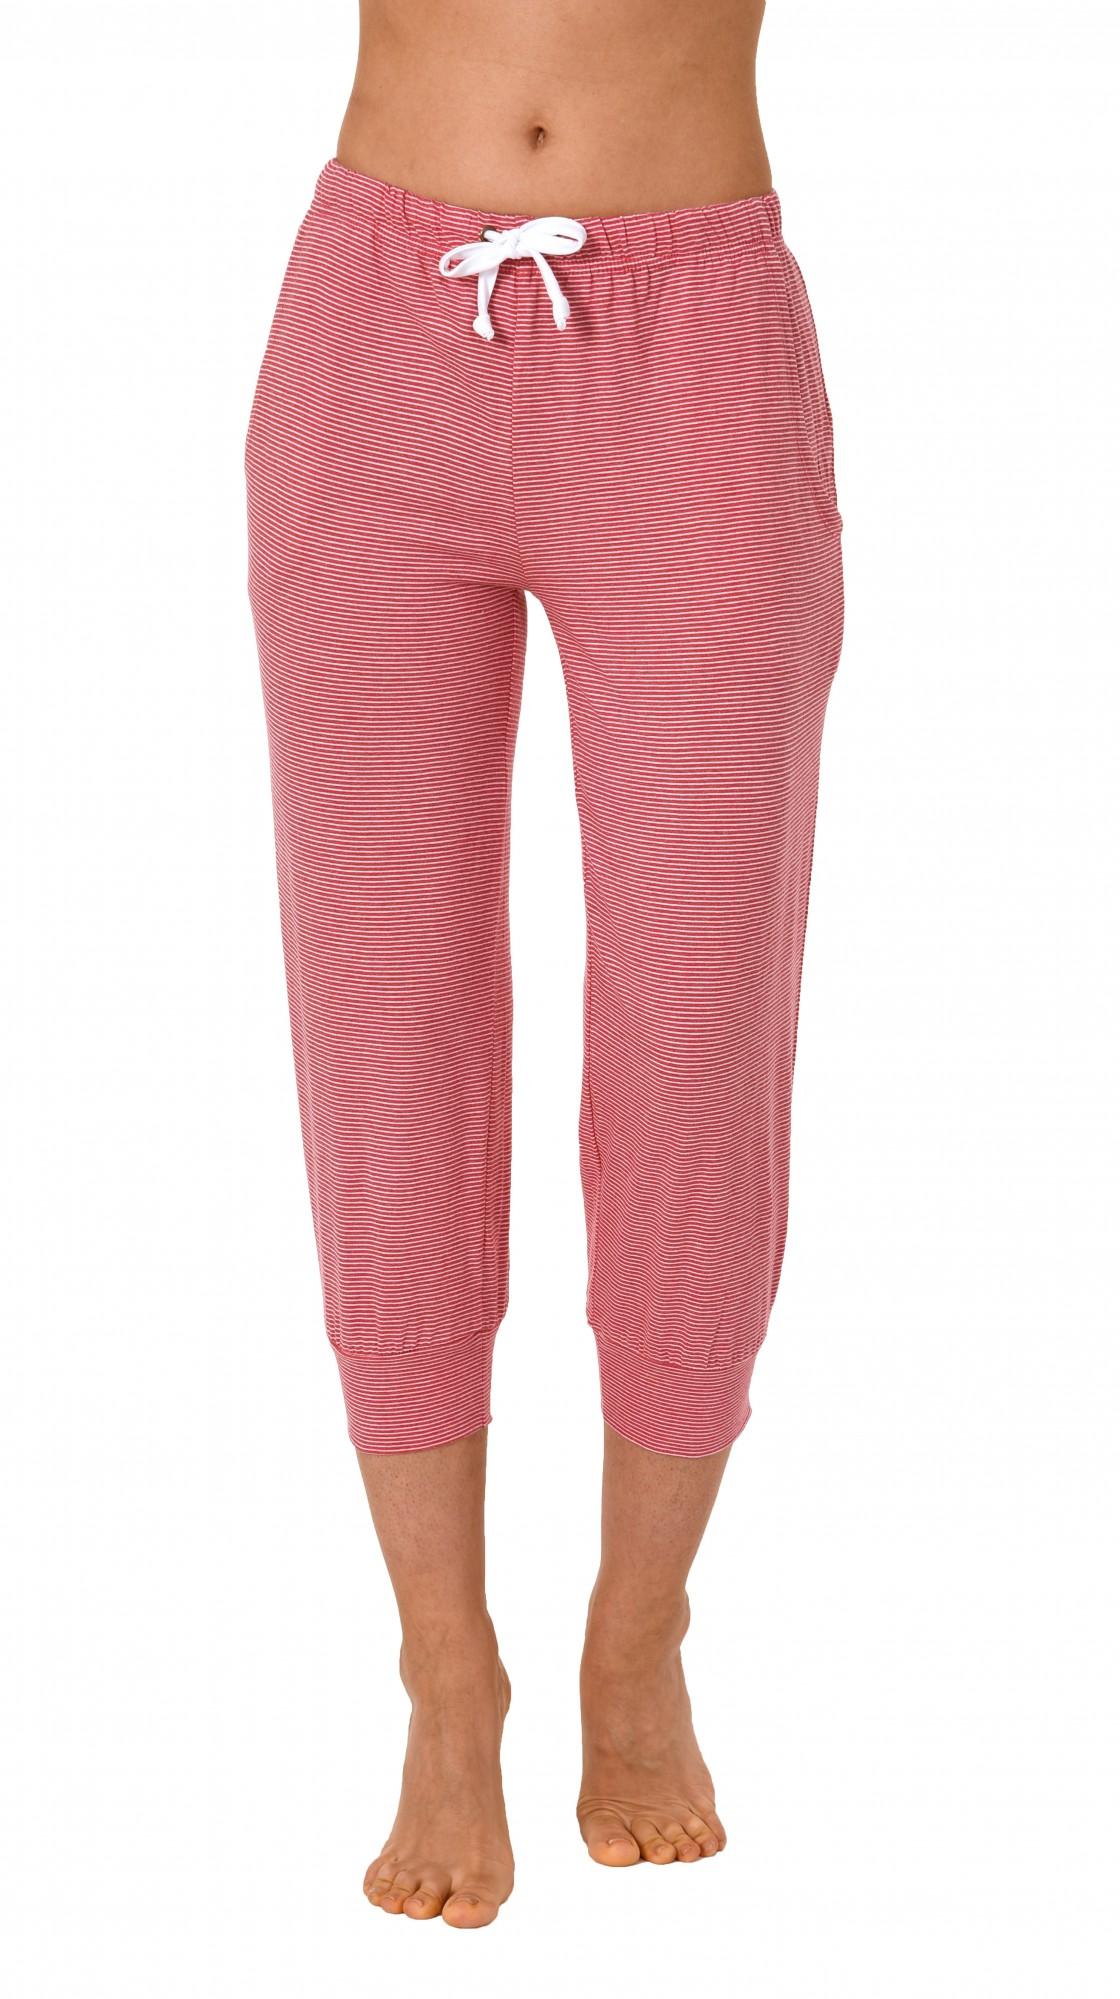 Damen Pyjama Capri Hose 3/4-lang - Mix & Match - ideal zum kombinieren  223 90 903 – Bild 3